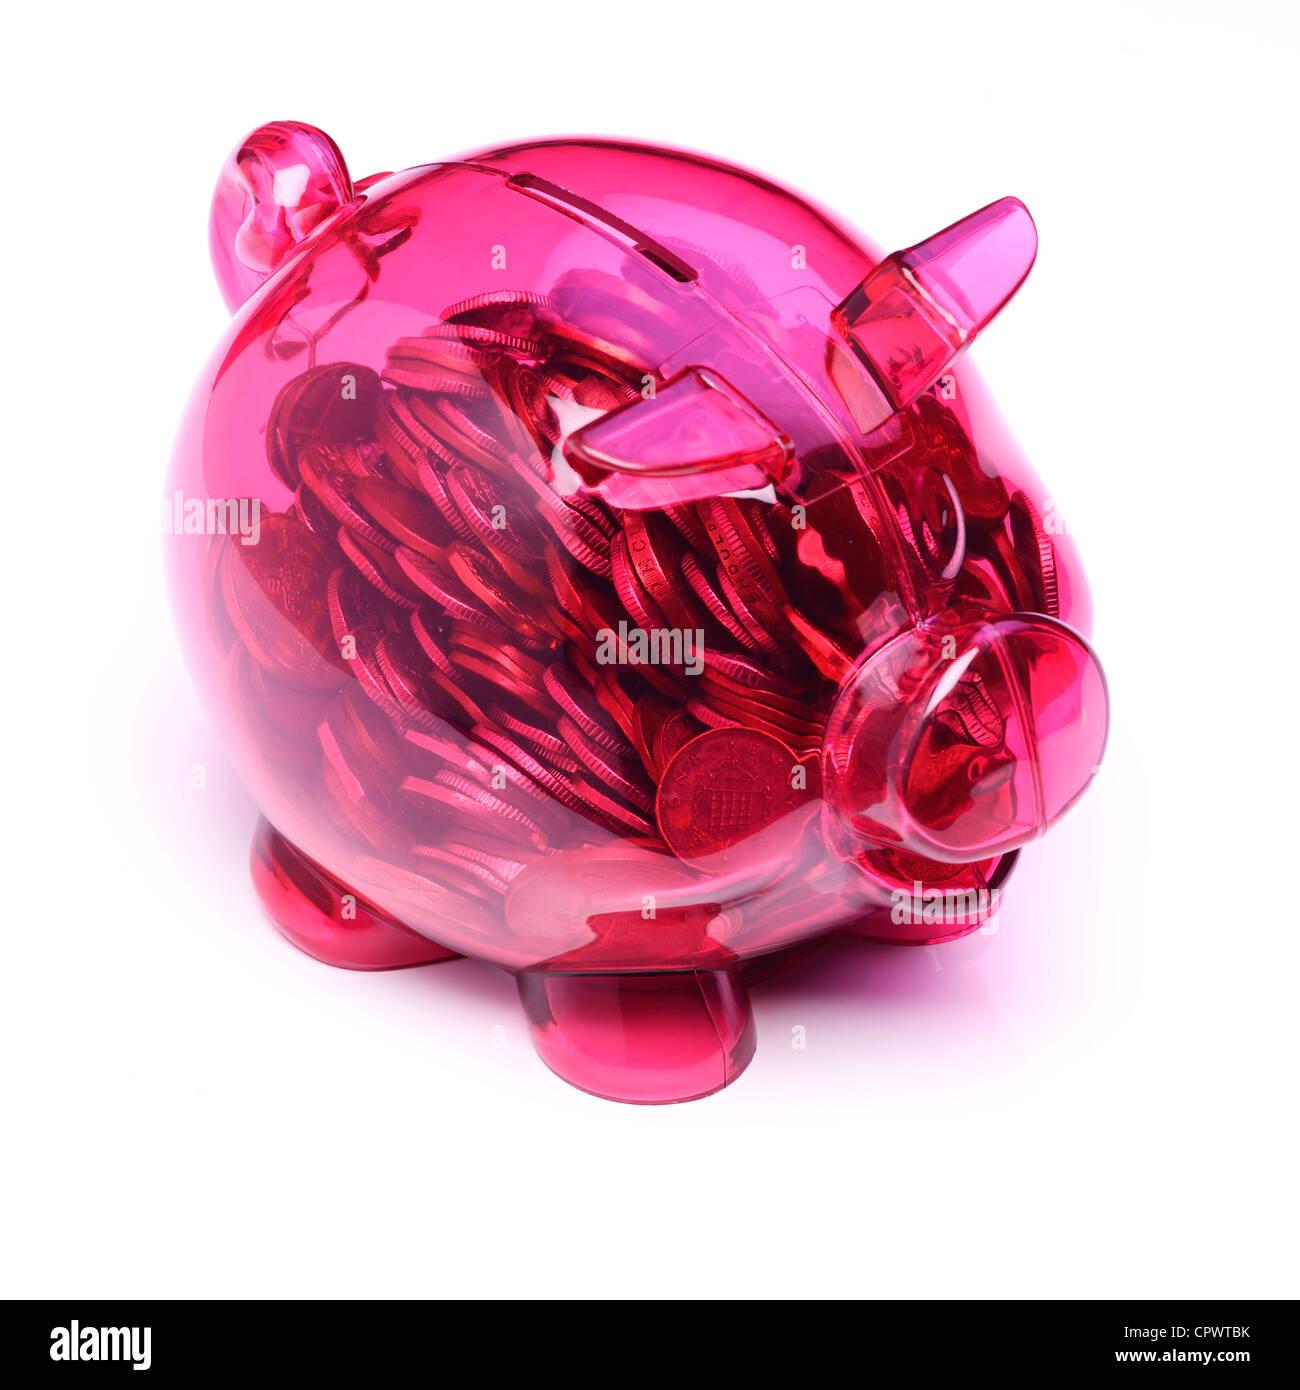 Trasparente in plastica rosa salvadanaio pieno di monete Immagini Stock